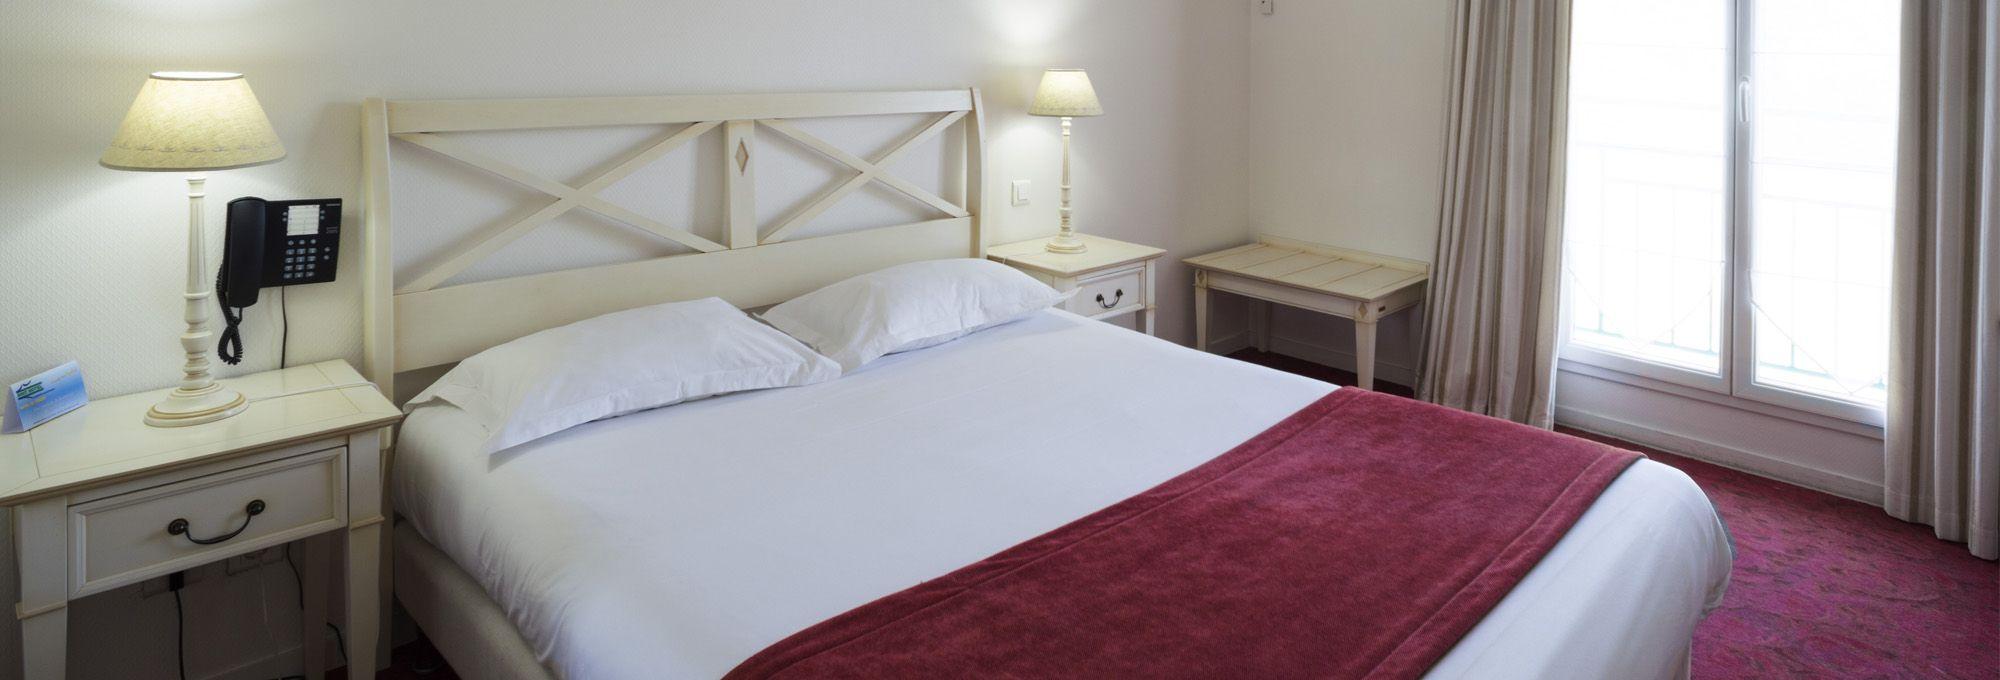 comment acc der au brit hotel de nogent le rotrou. Black Bedroom Furniture Sets. Home Design Ideas